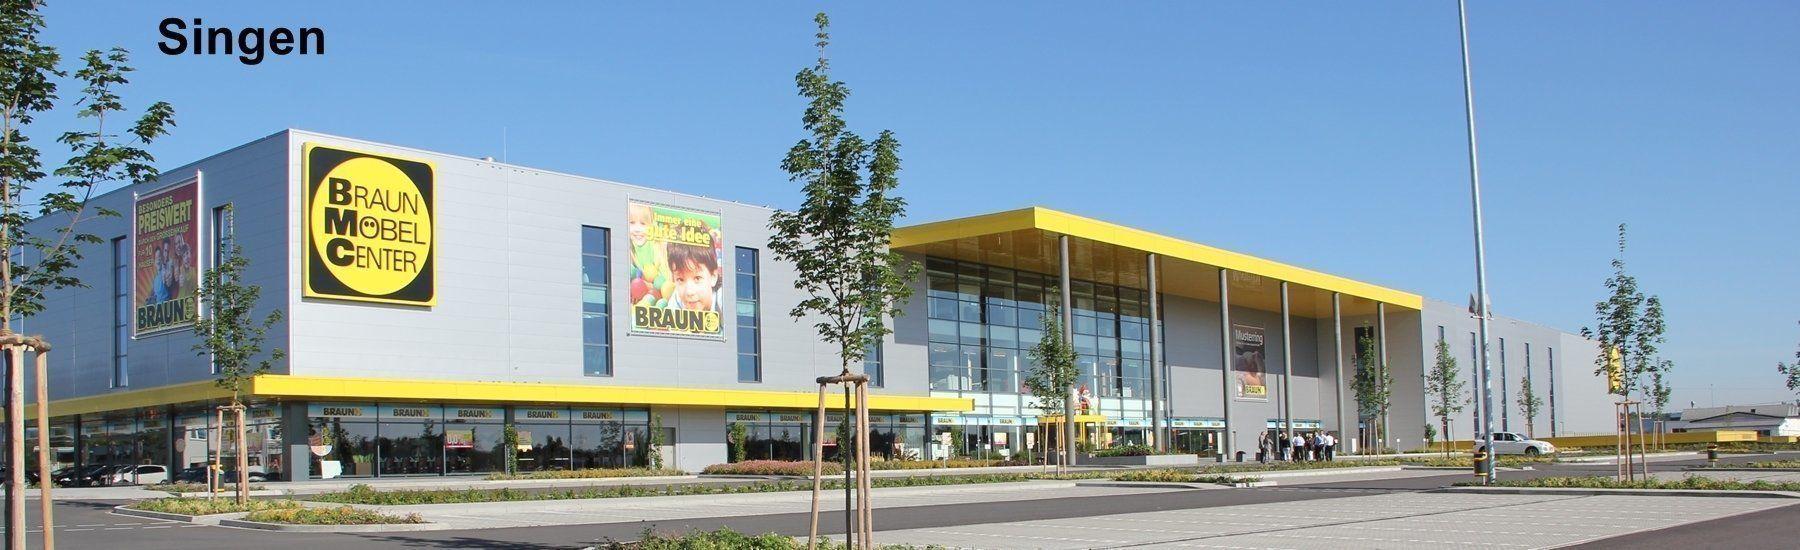 Ausbildung Braun Mobel Center Gmbh Co Kg Freie Ausbildungsplatze